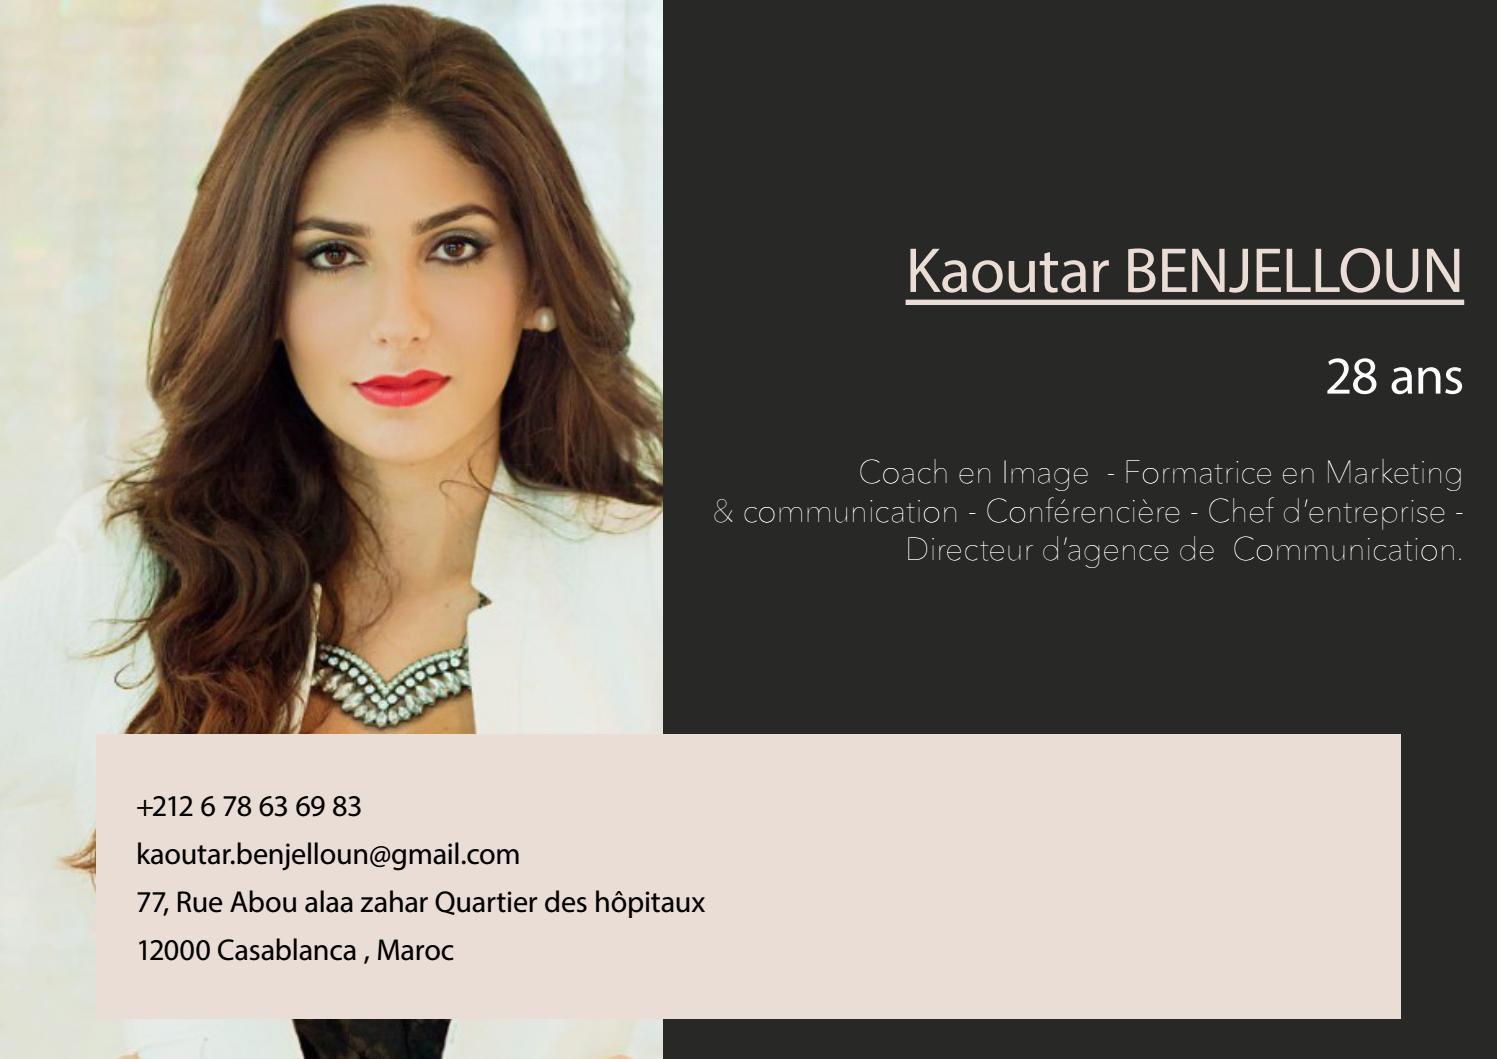 cv kaoutar benjelloun by signature conseil